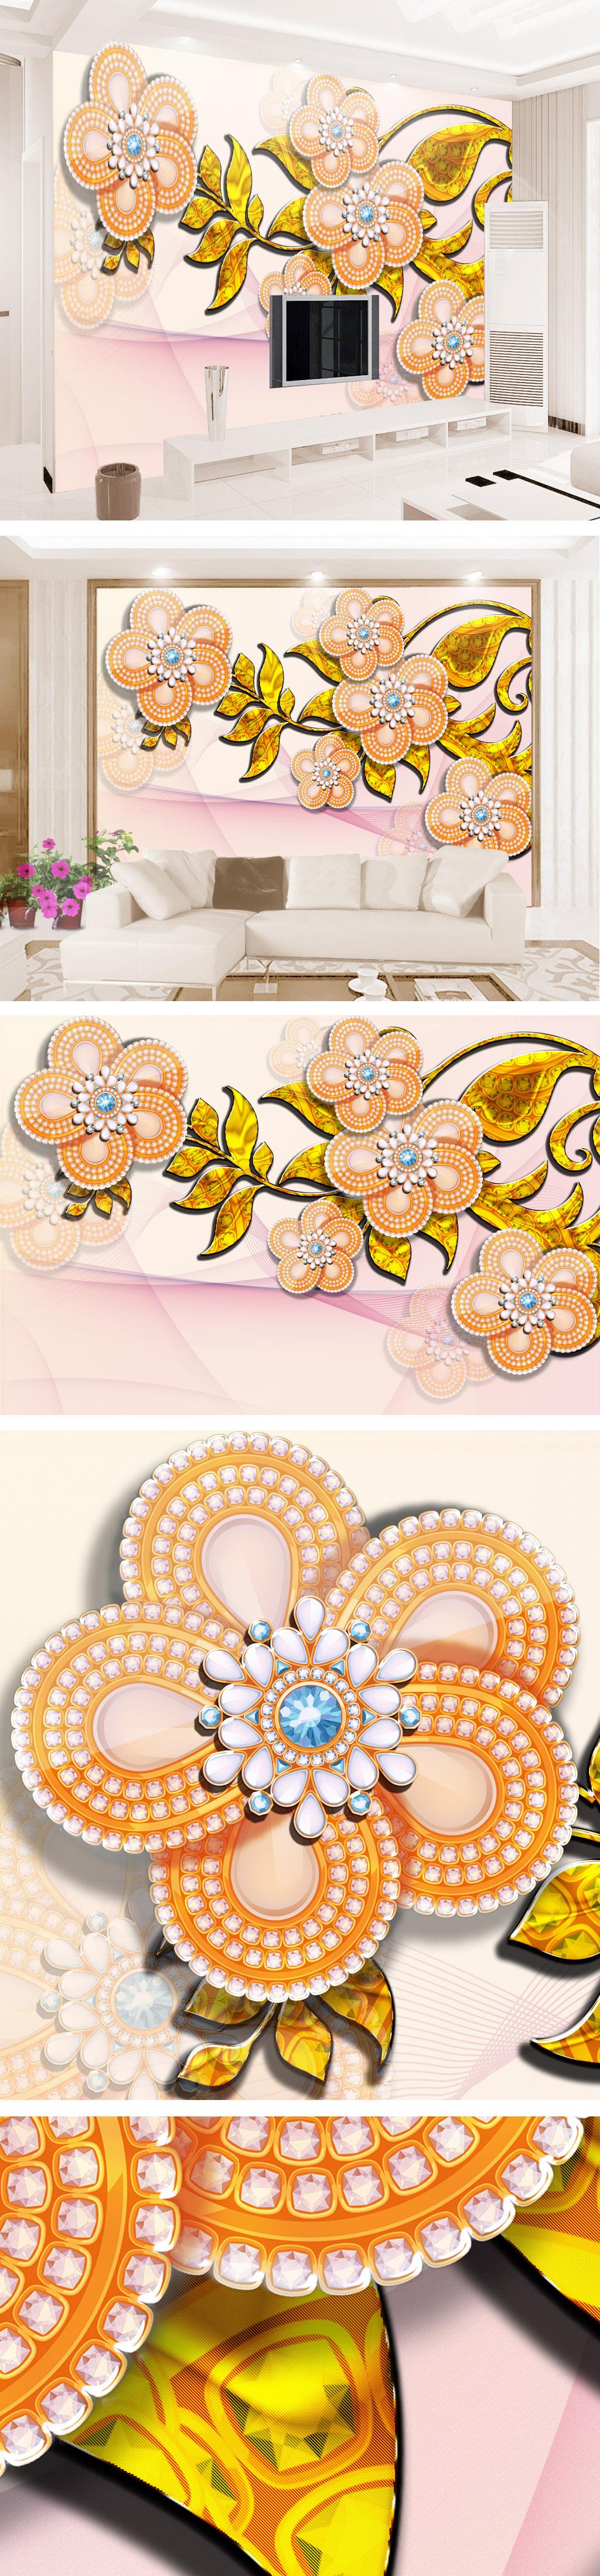 简欧清新手绘珠宝花客厅电视背景墙壁.